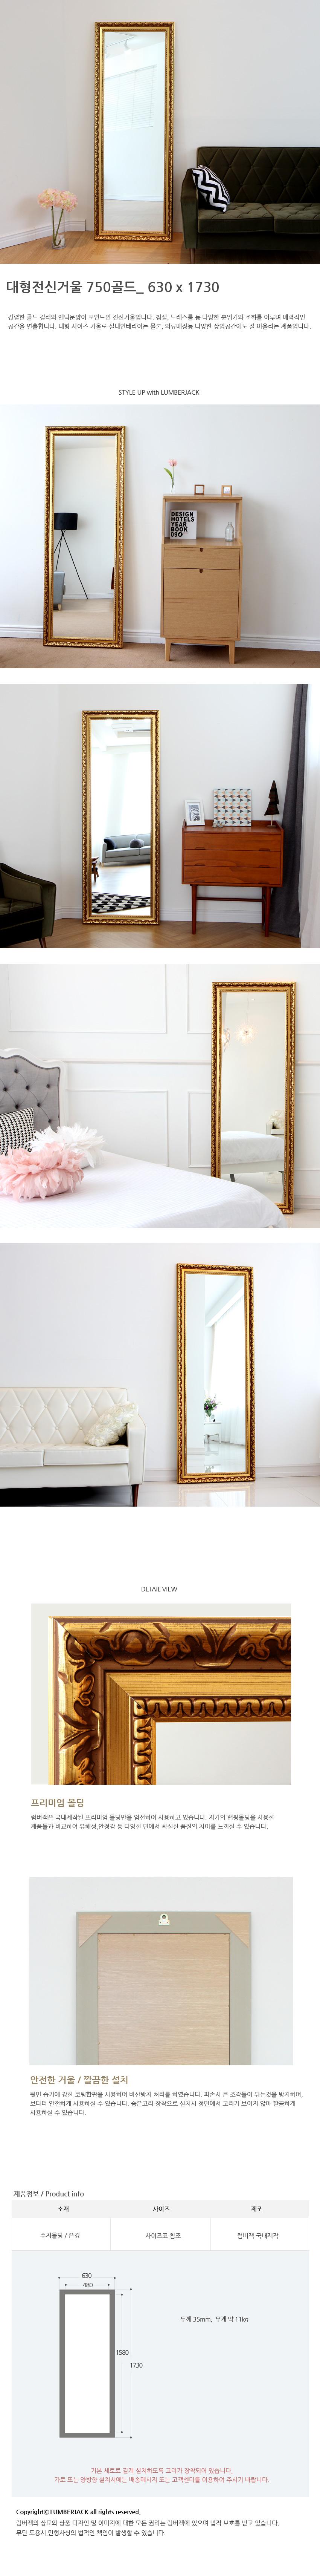 프리미엄 엔틱골드 대형 전신거울1730x630 - 럼버잭, 95,200원, 거울, 전신거울